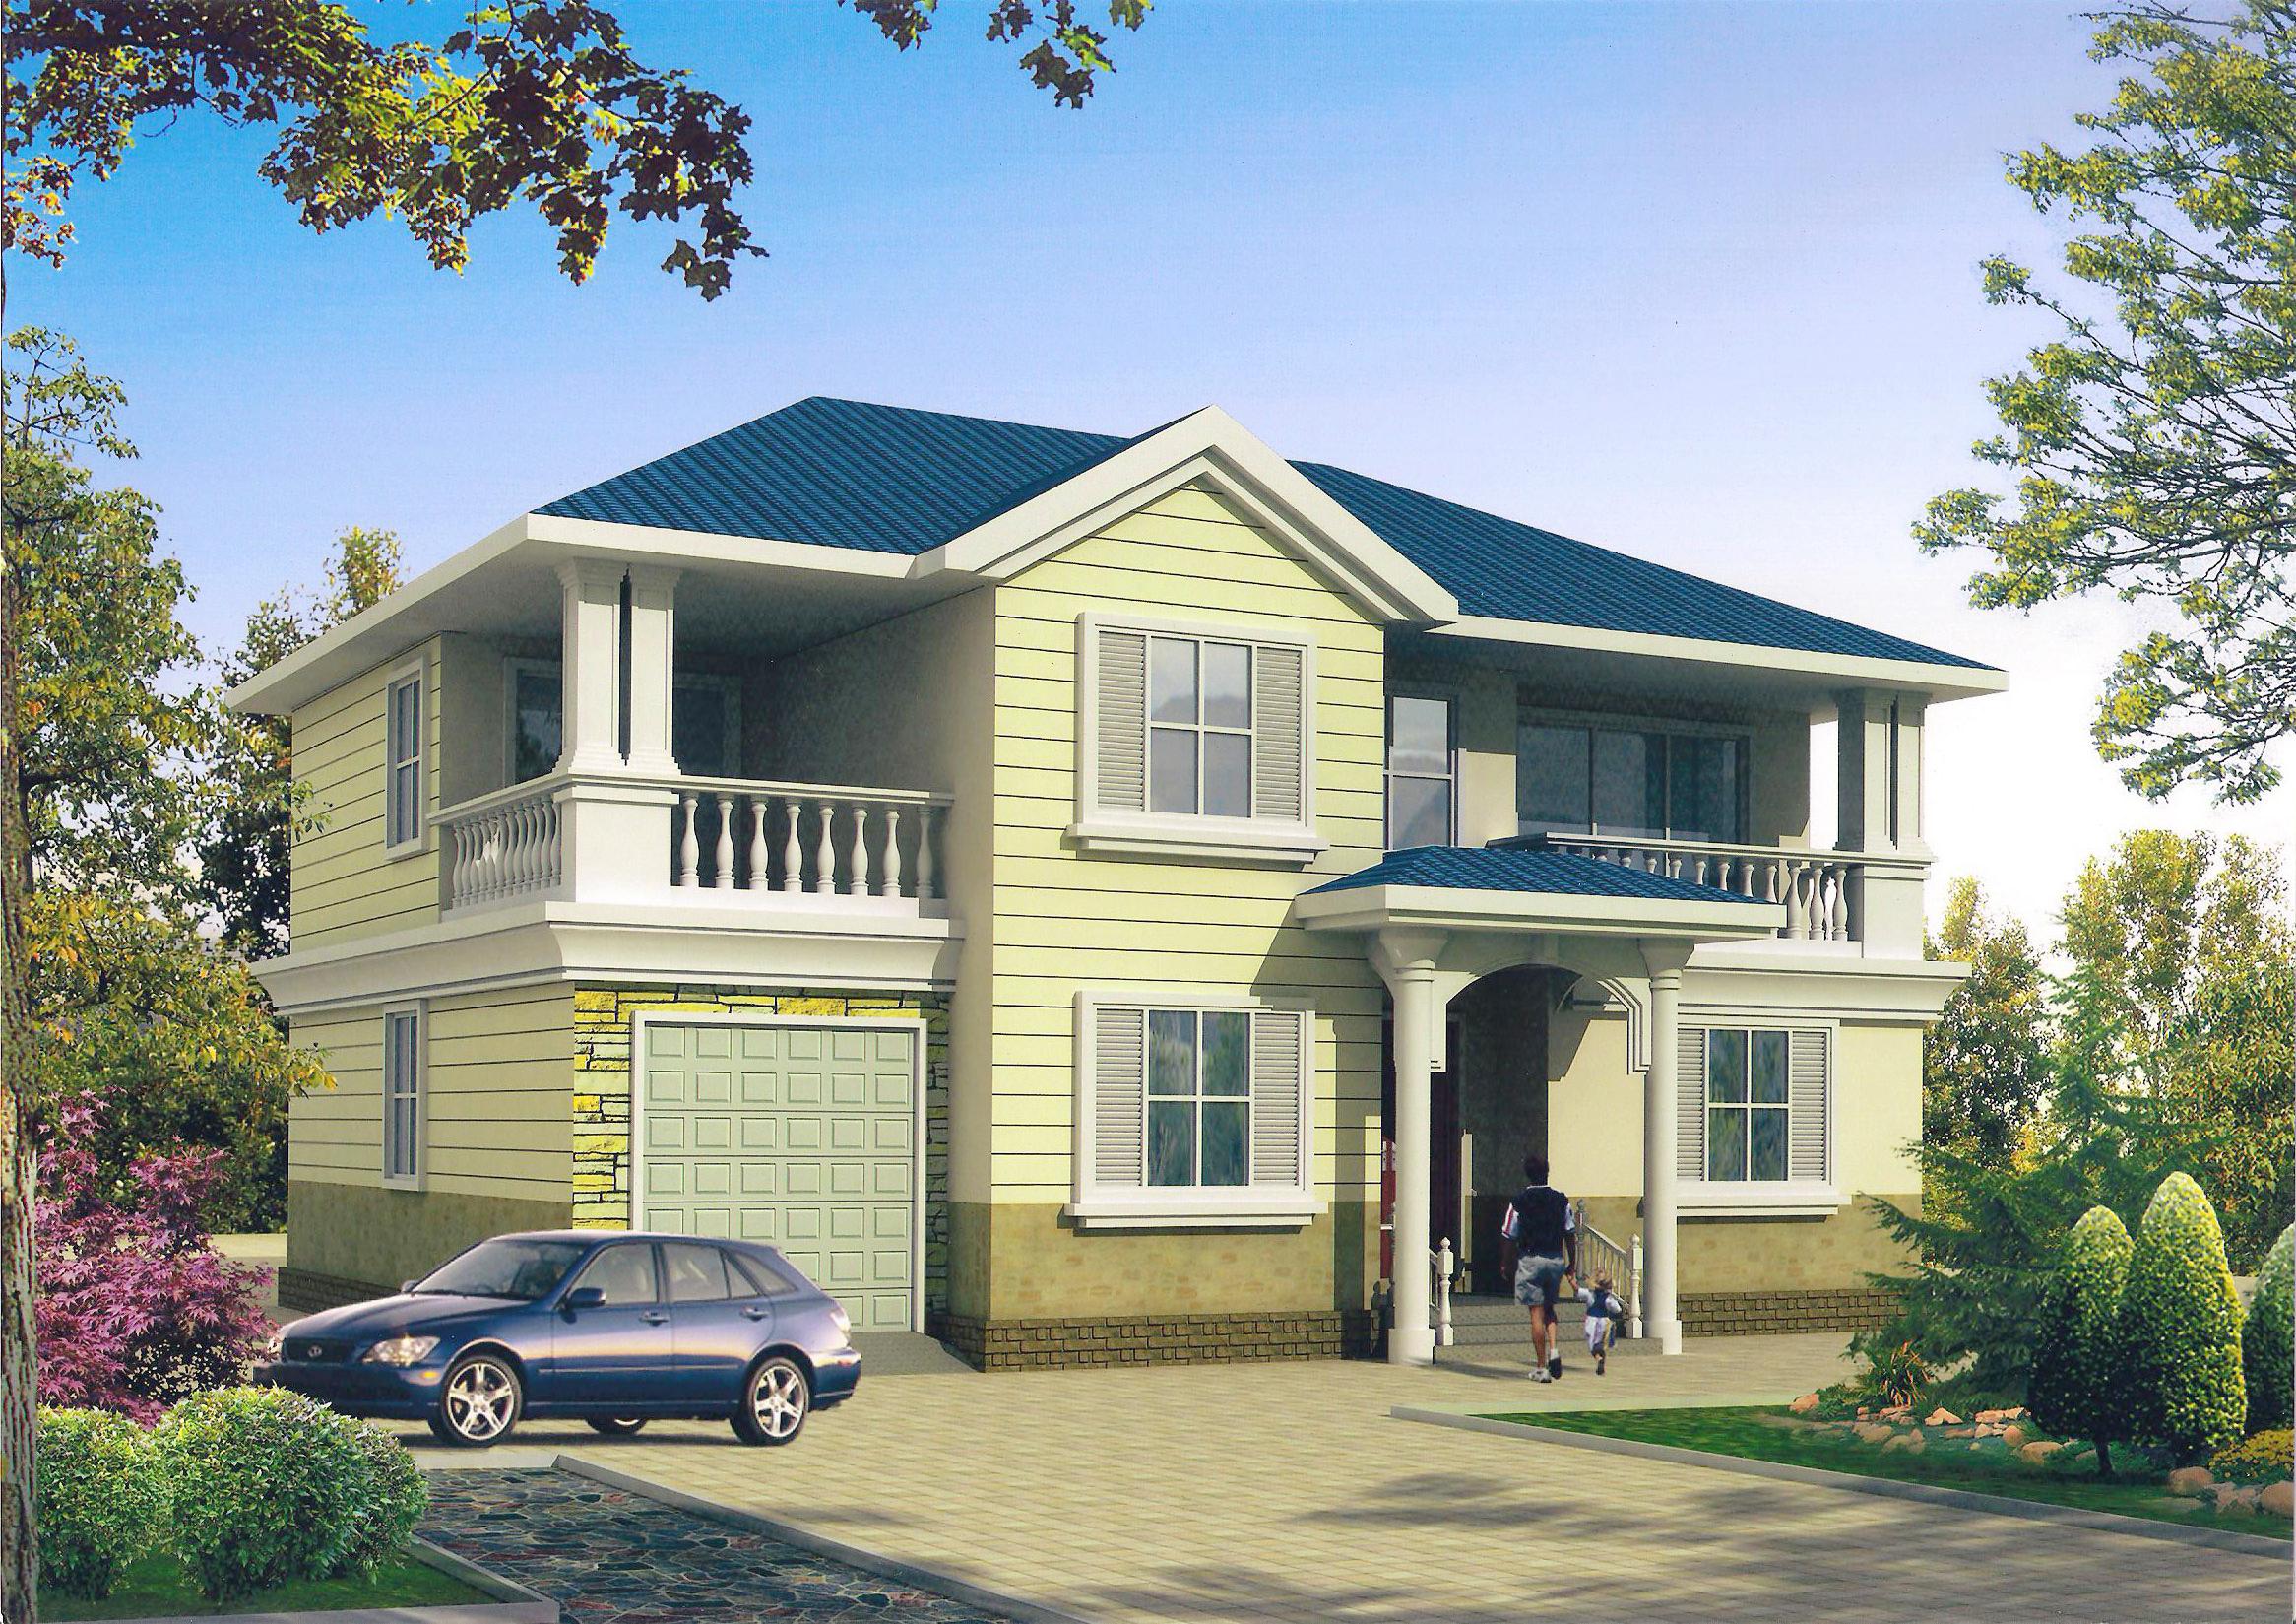 农村小别墅设计图自建房图纸w430